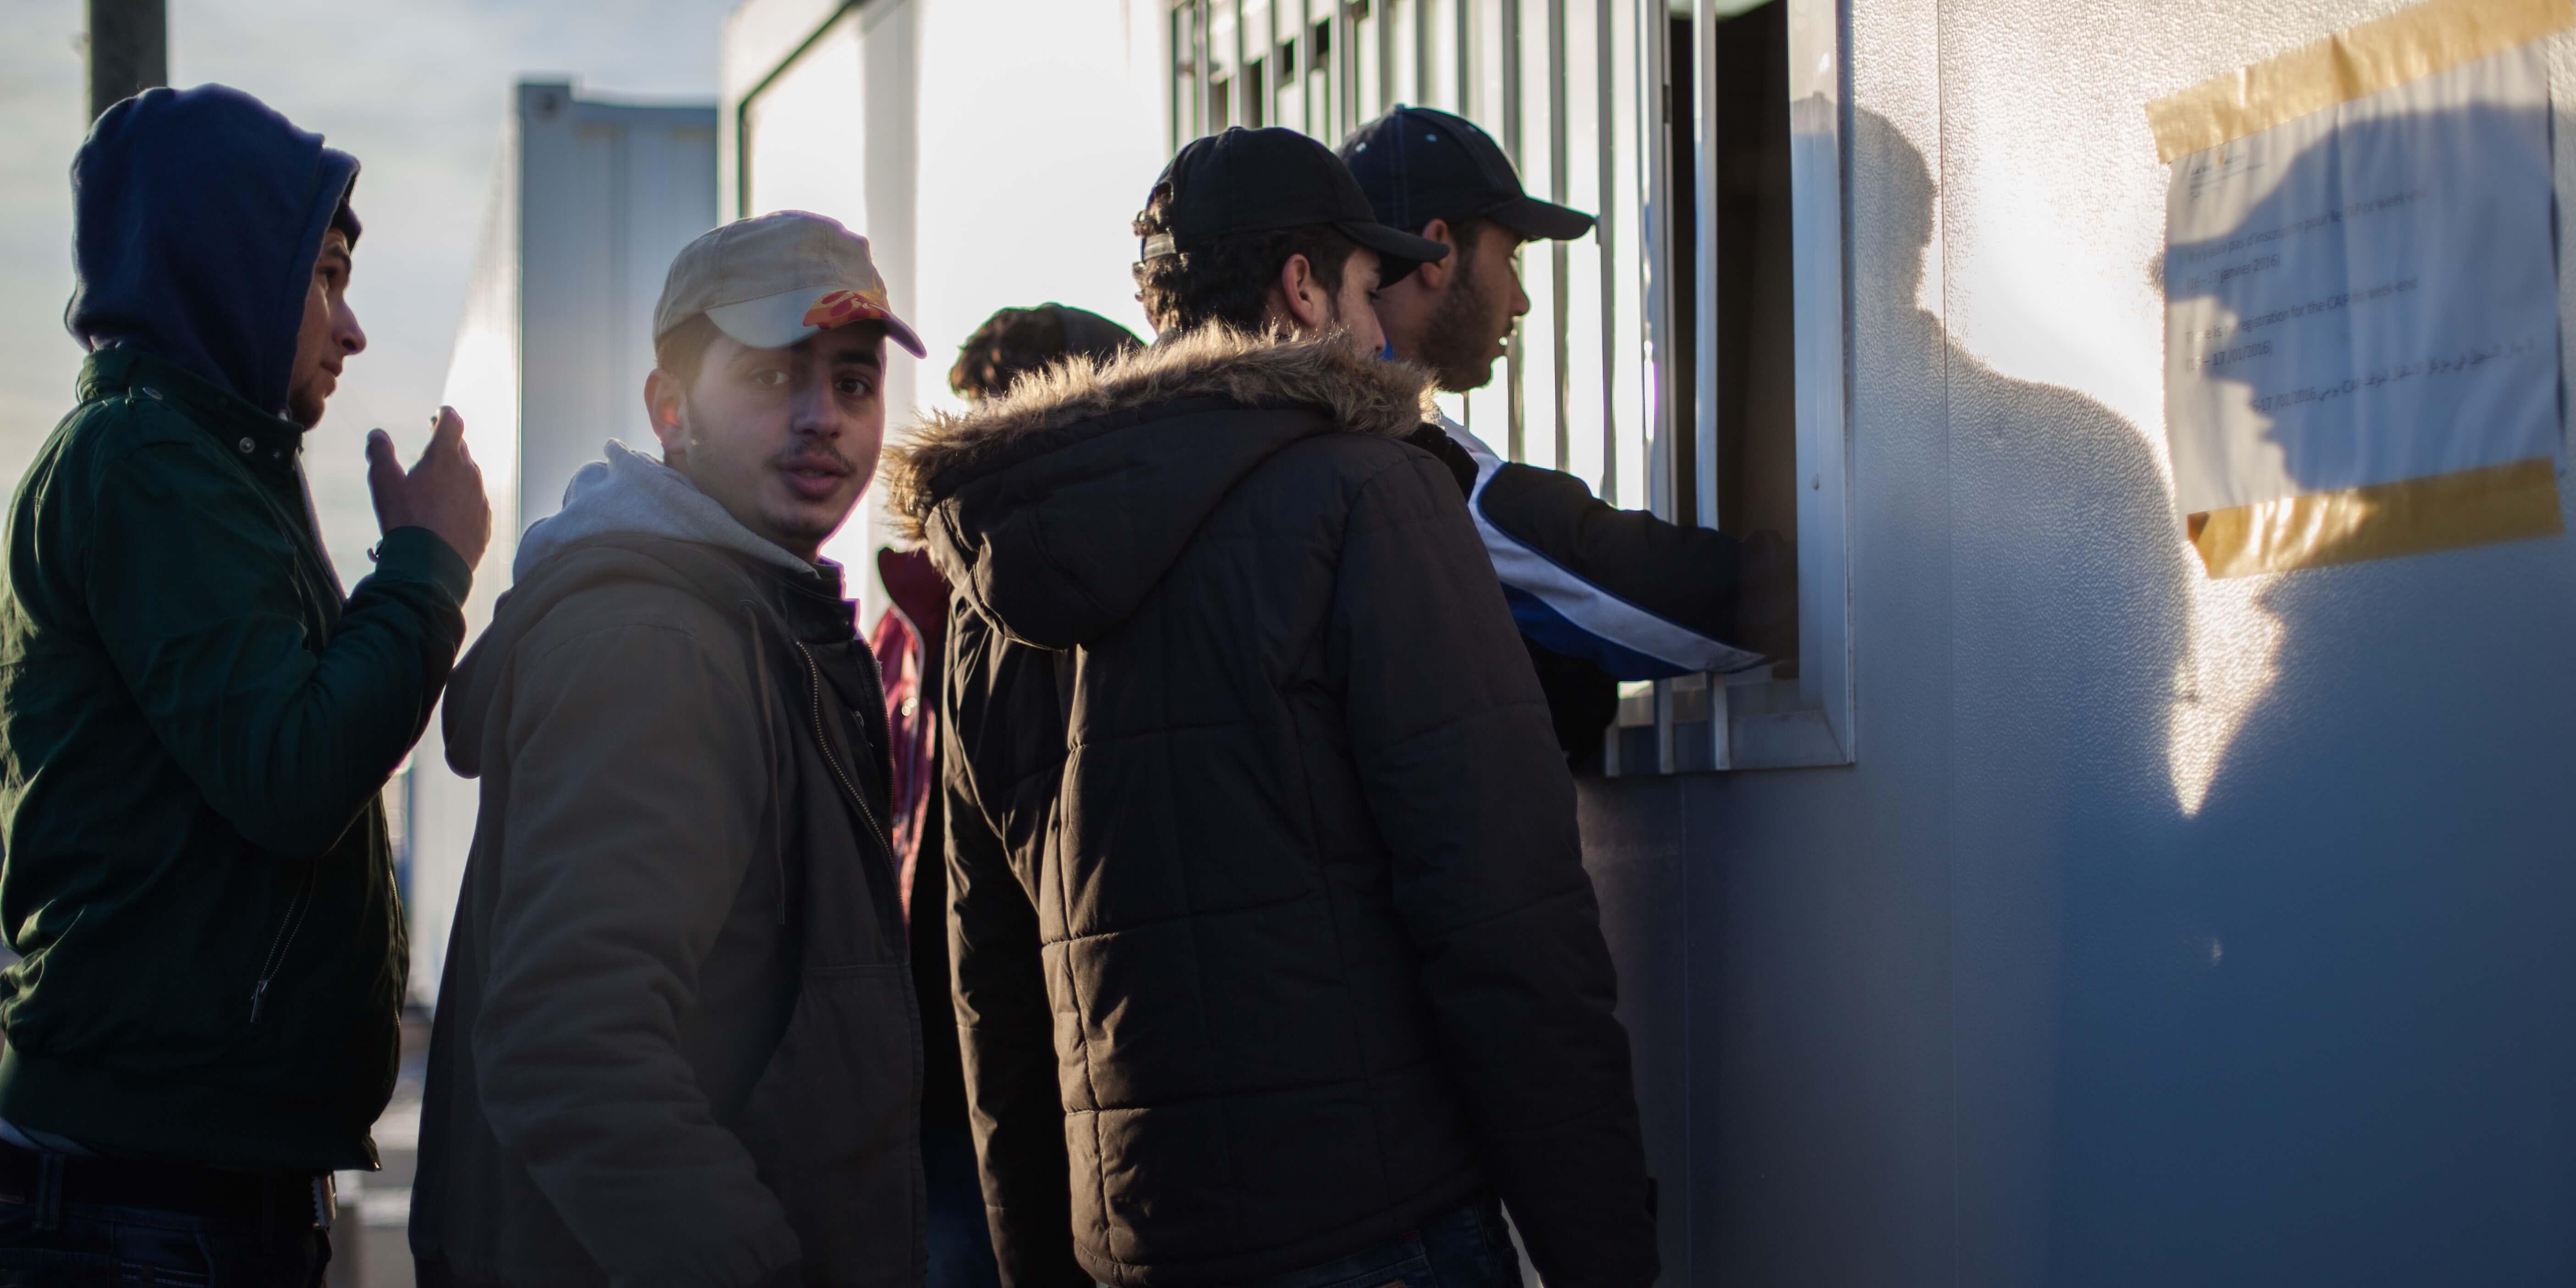 La police prend ses quartiers dans des centres d'hébergement d'urgence pour sans-papiers